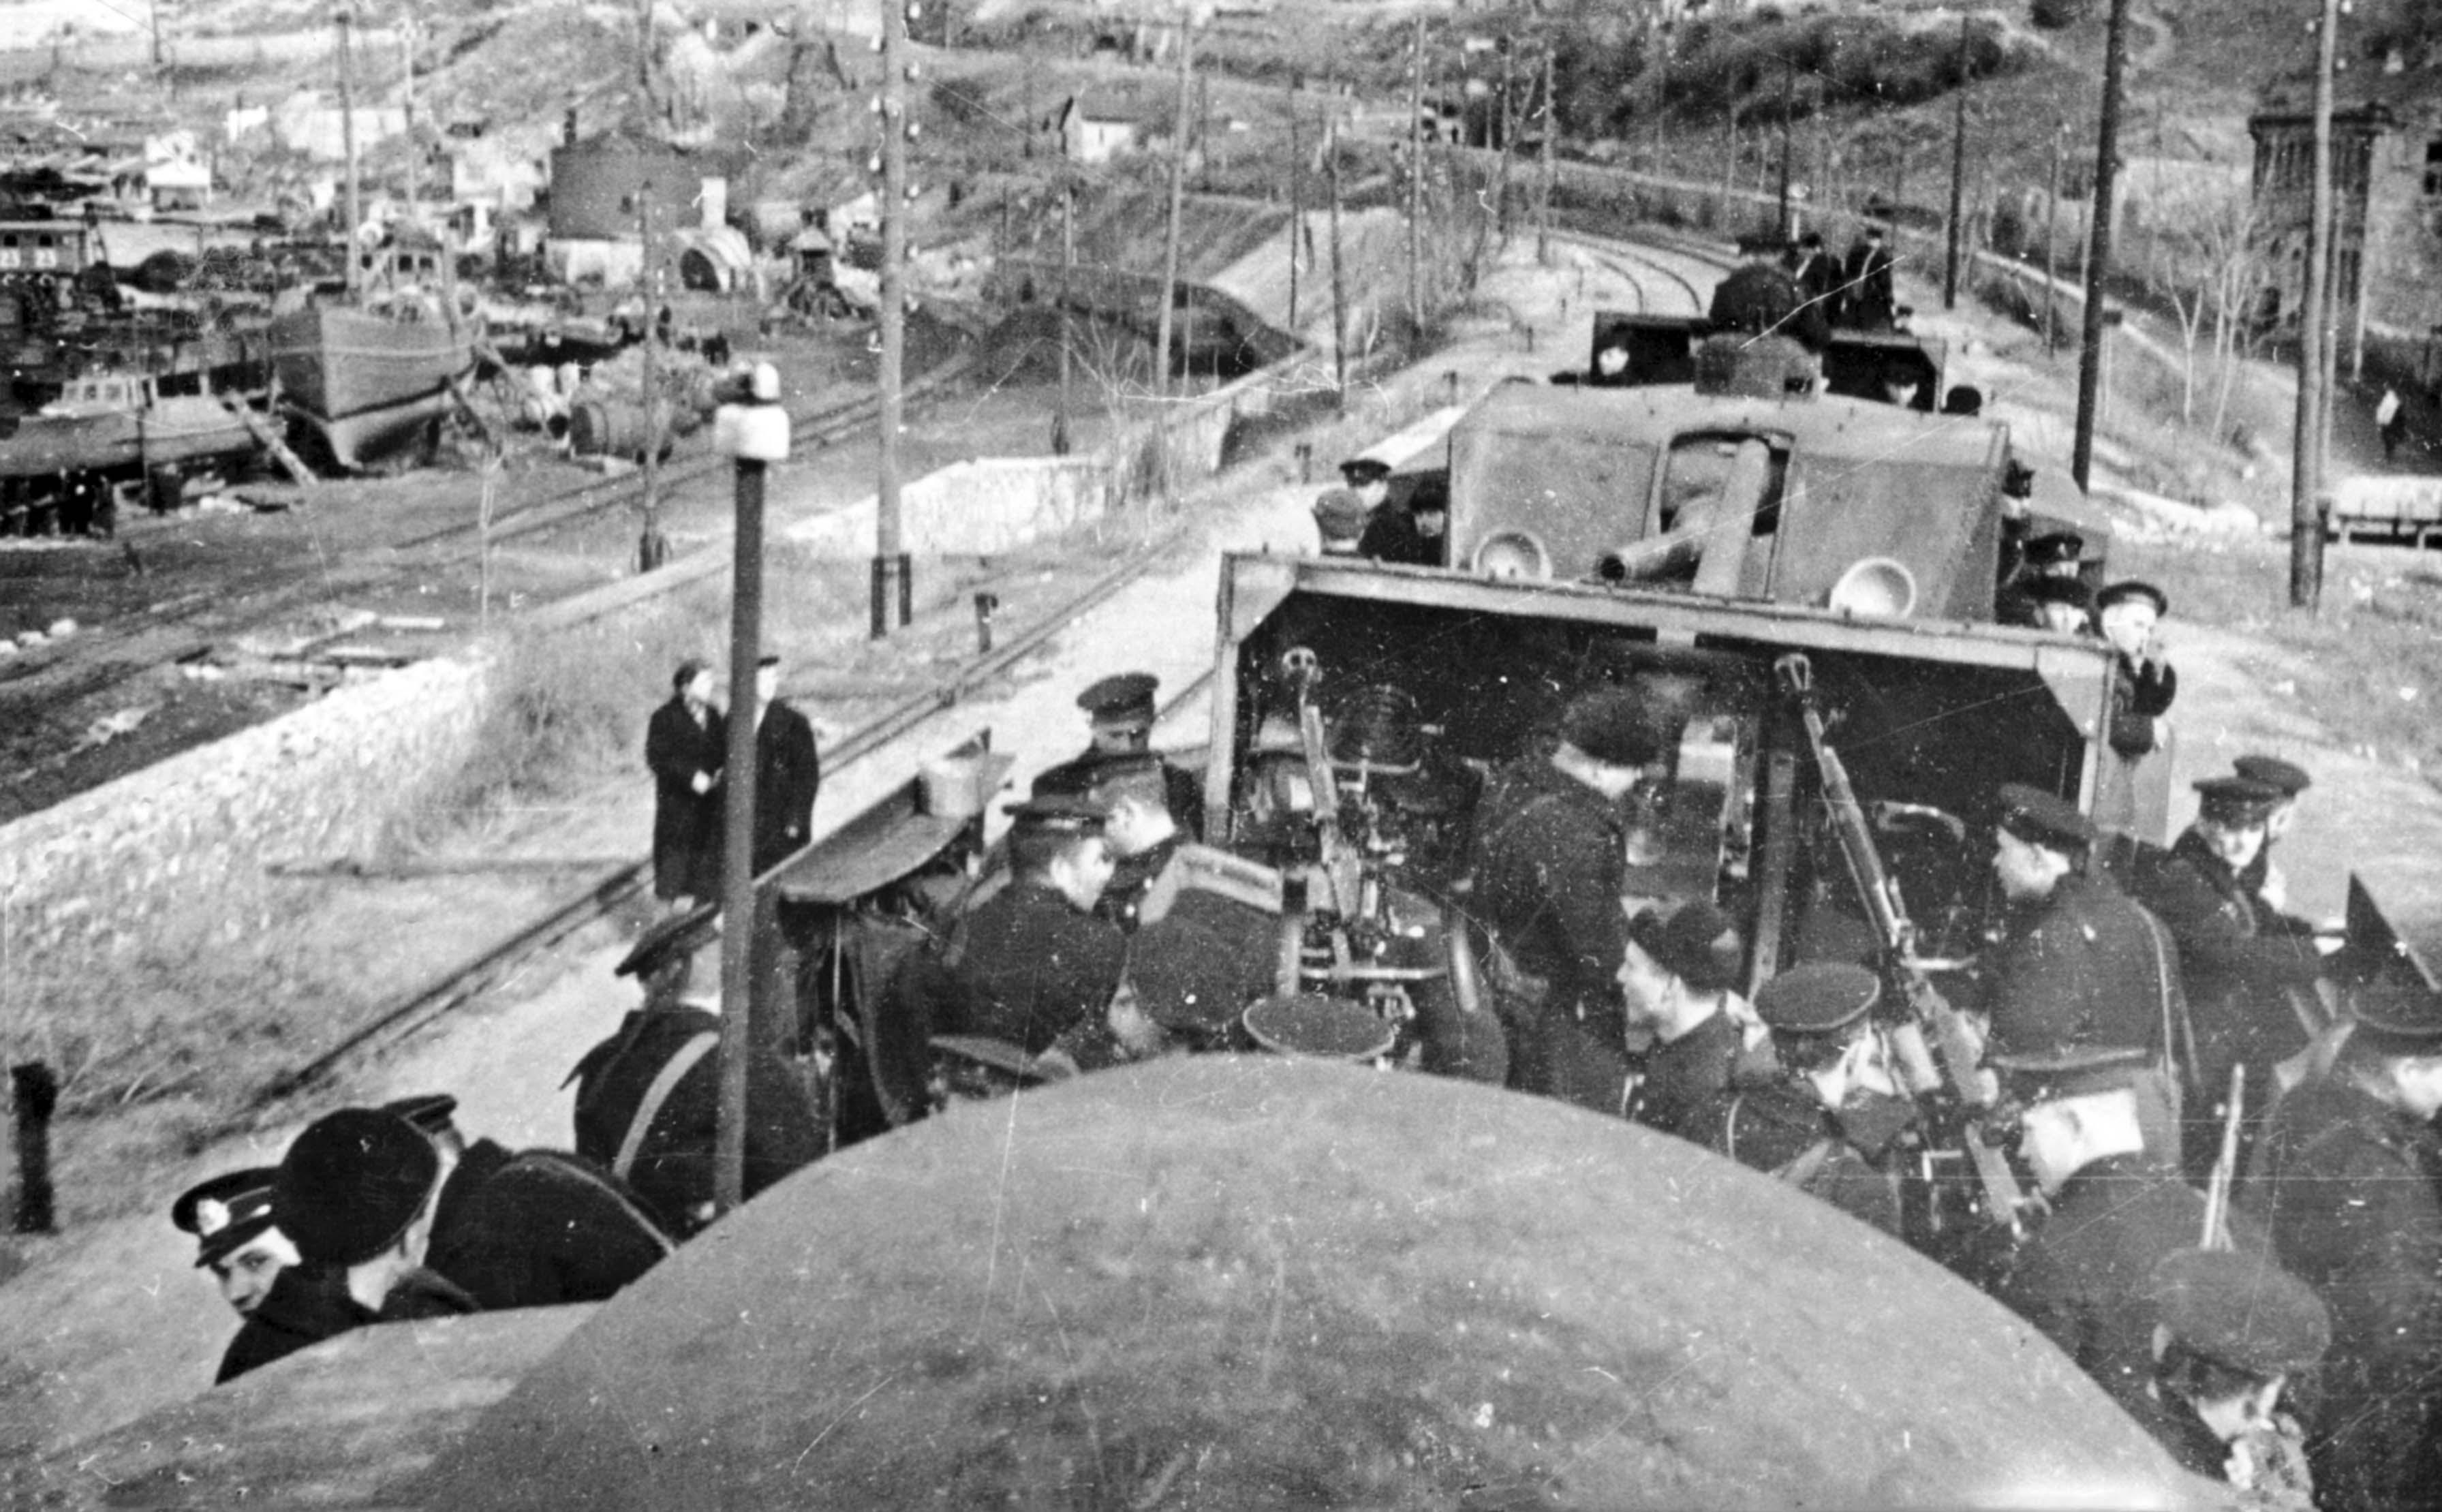 Zheleznyakov armored train